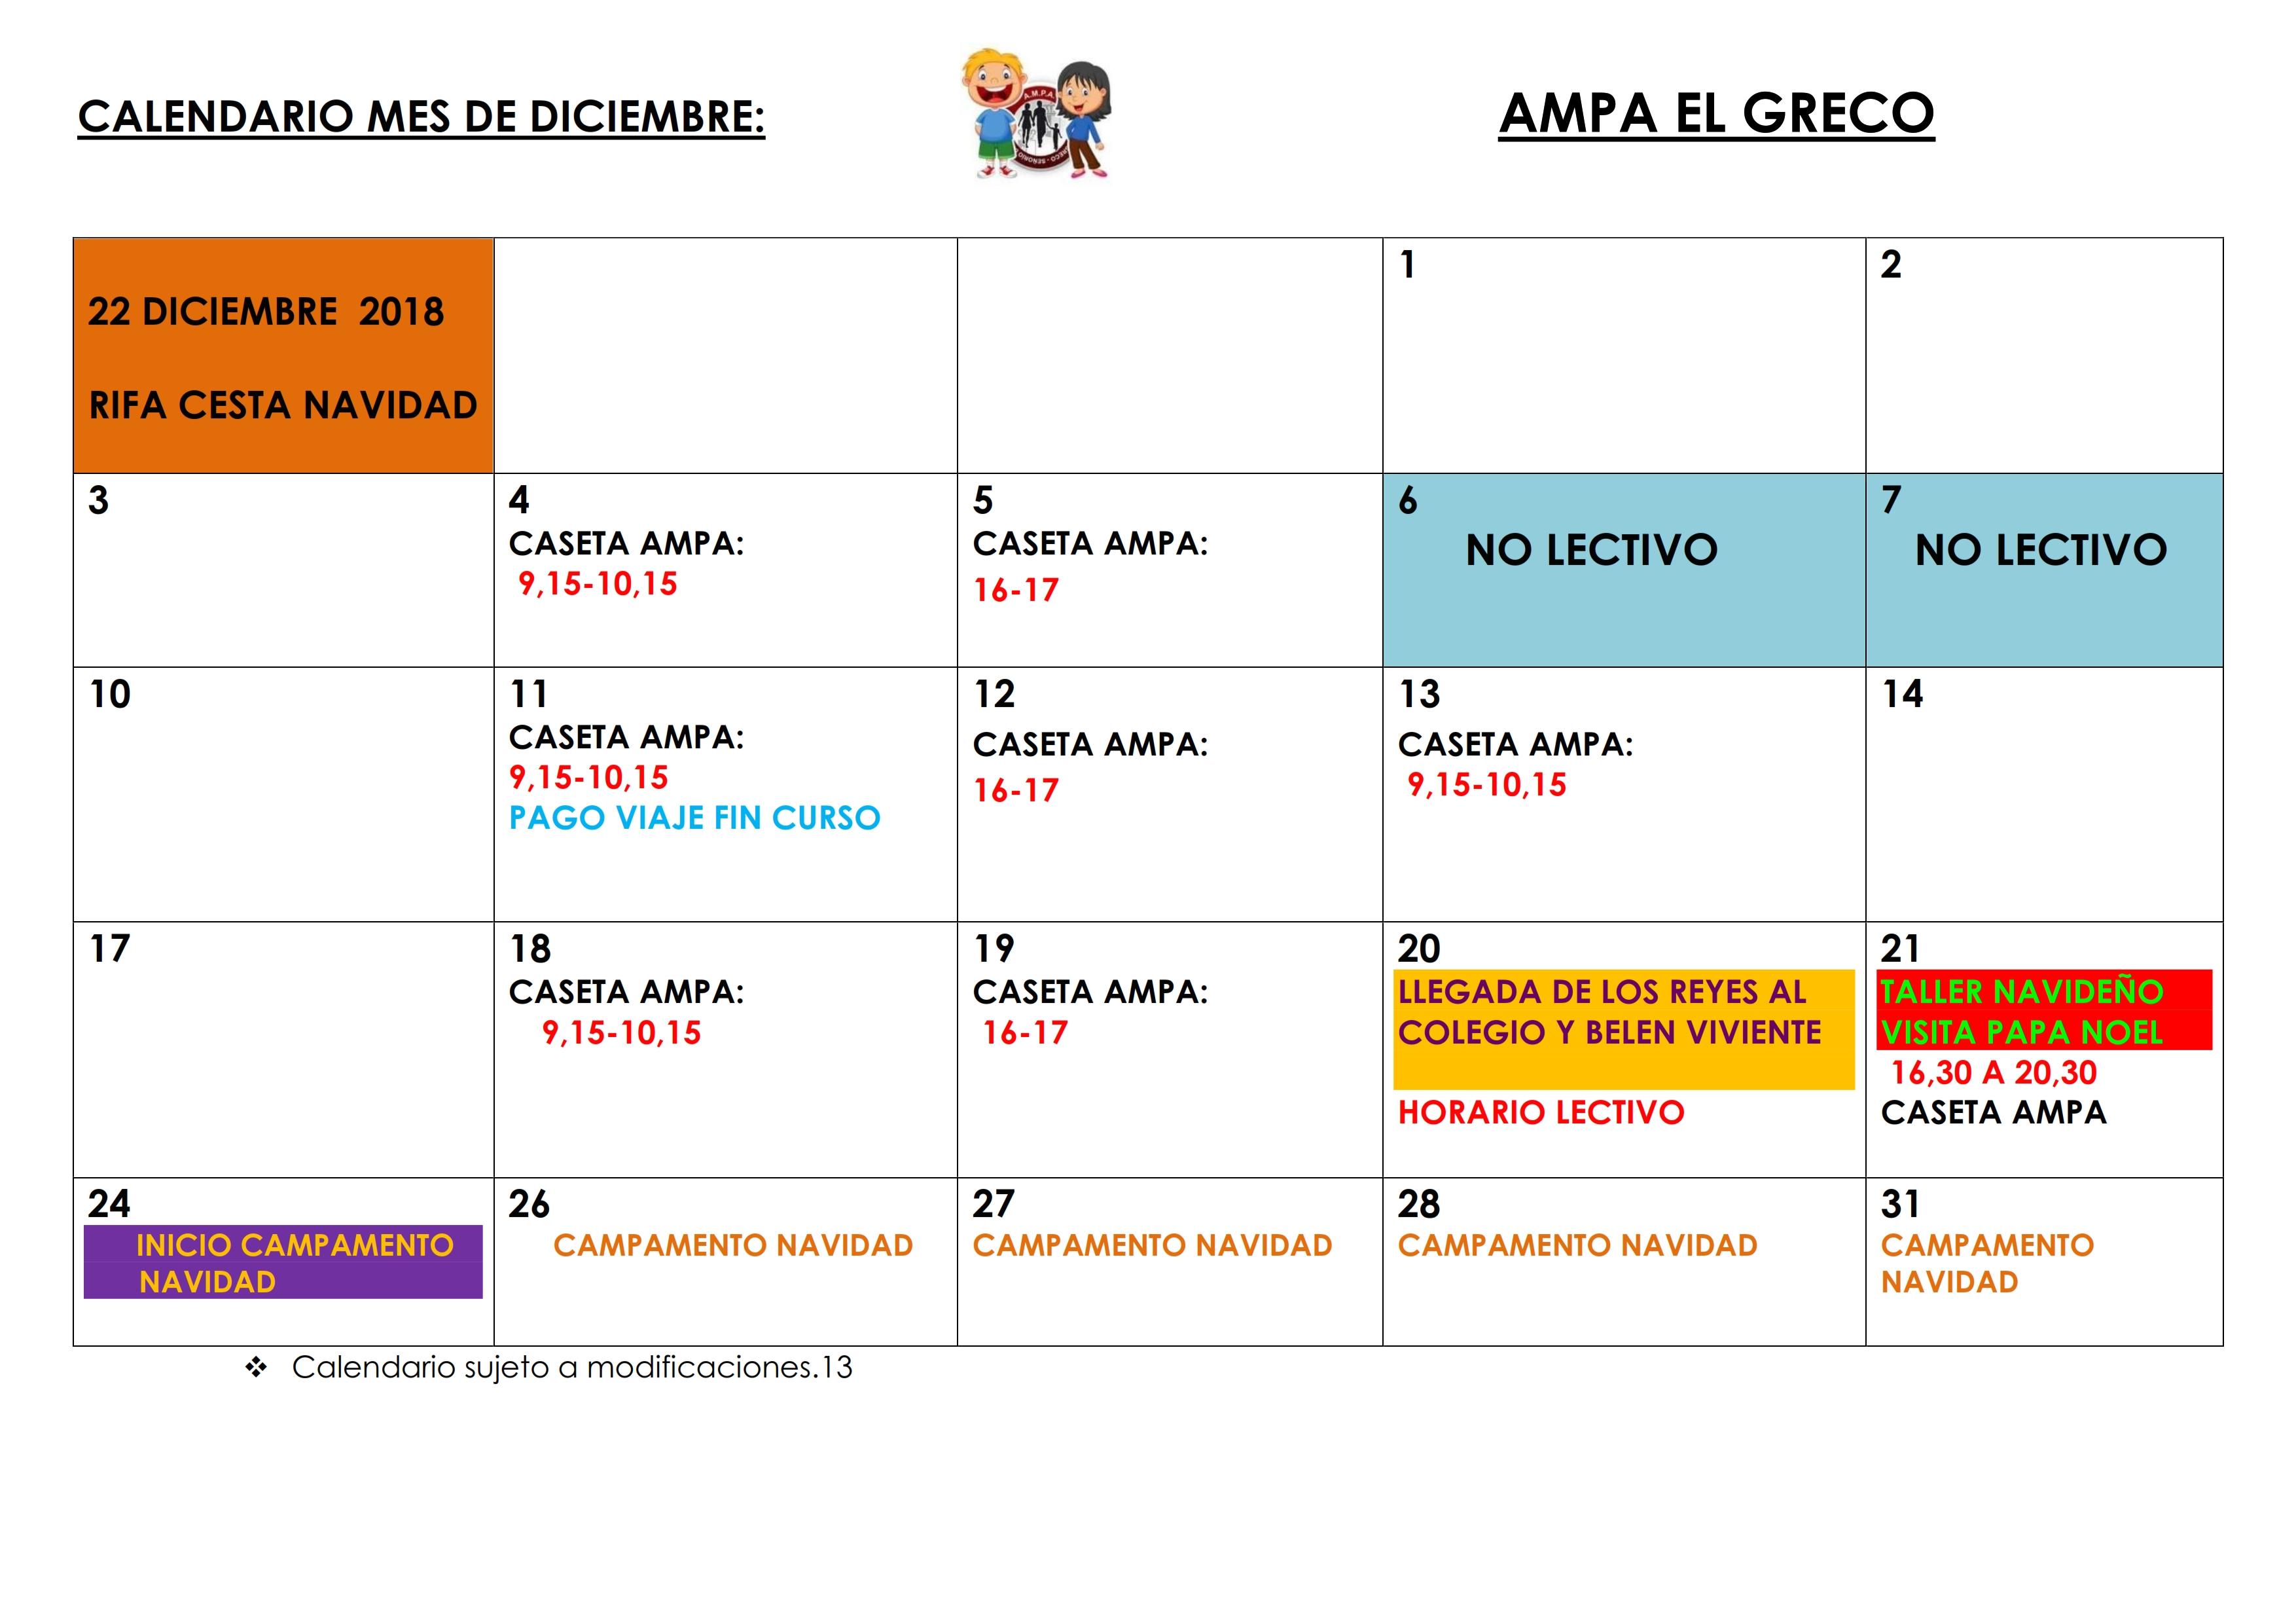 Calendario Diciembre.Calendario Diciembre 2018 Ampa El Greco Illescas